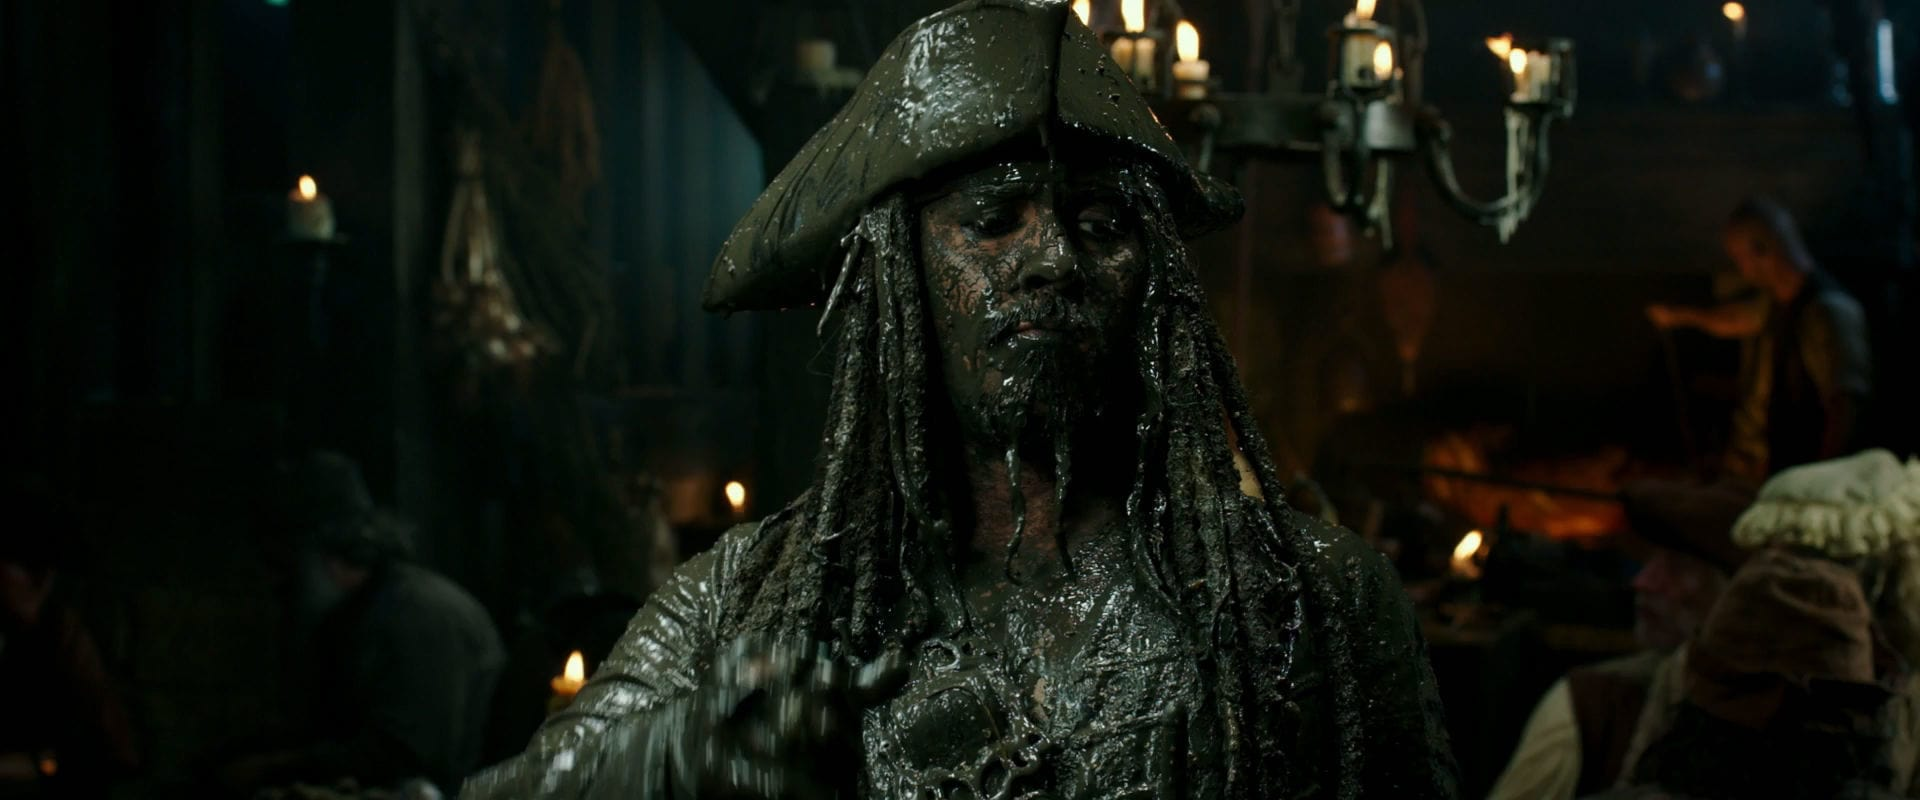 Pirates des Caraïbes : La vengeance de Salazar - Bande-annonce 2